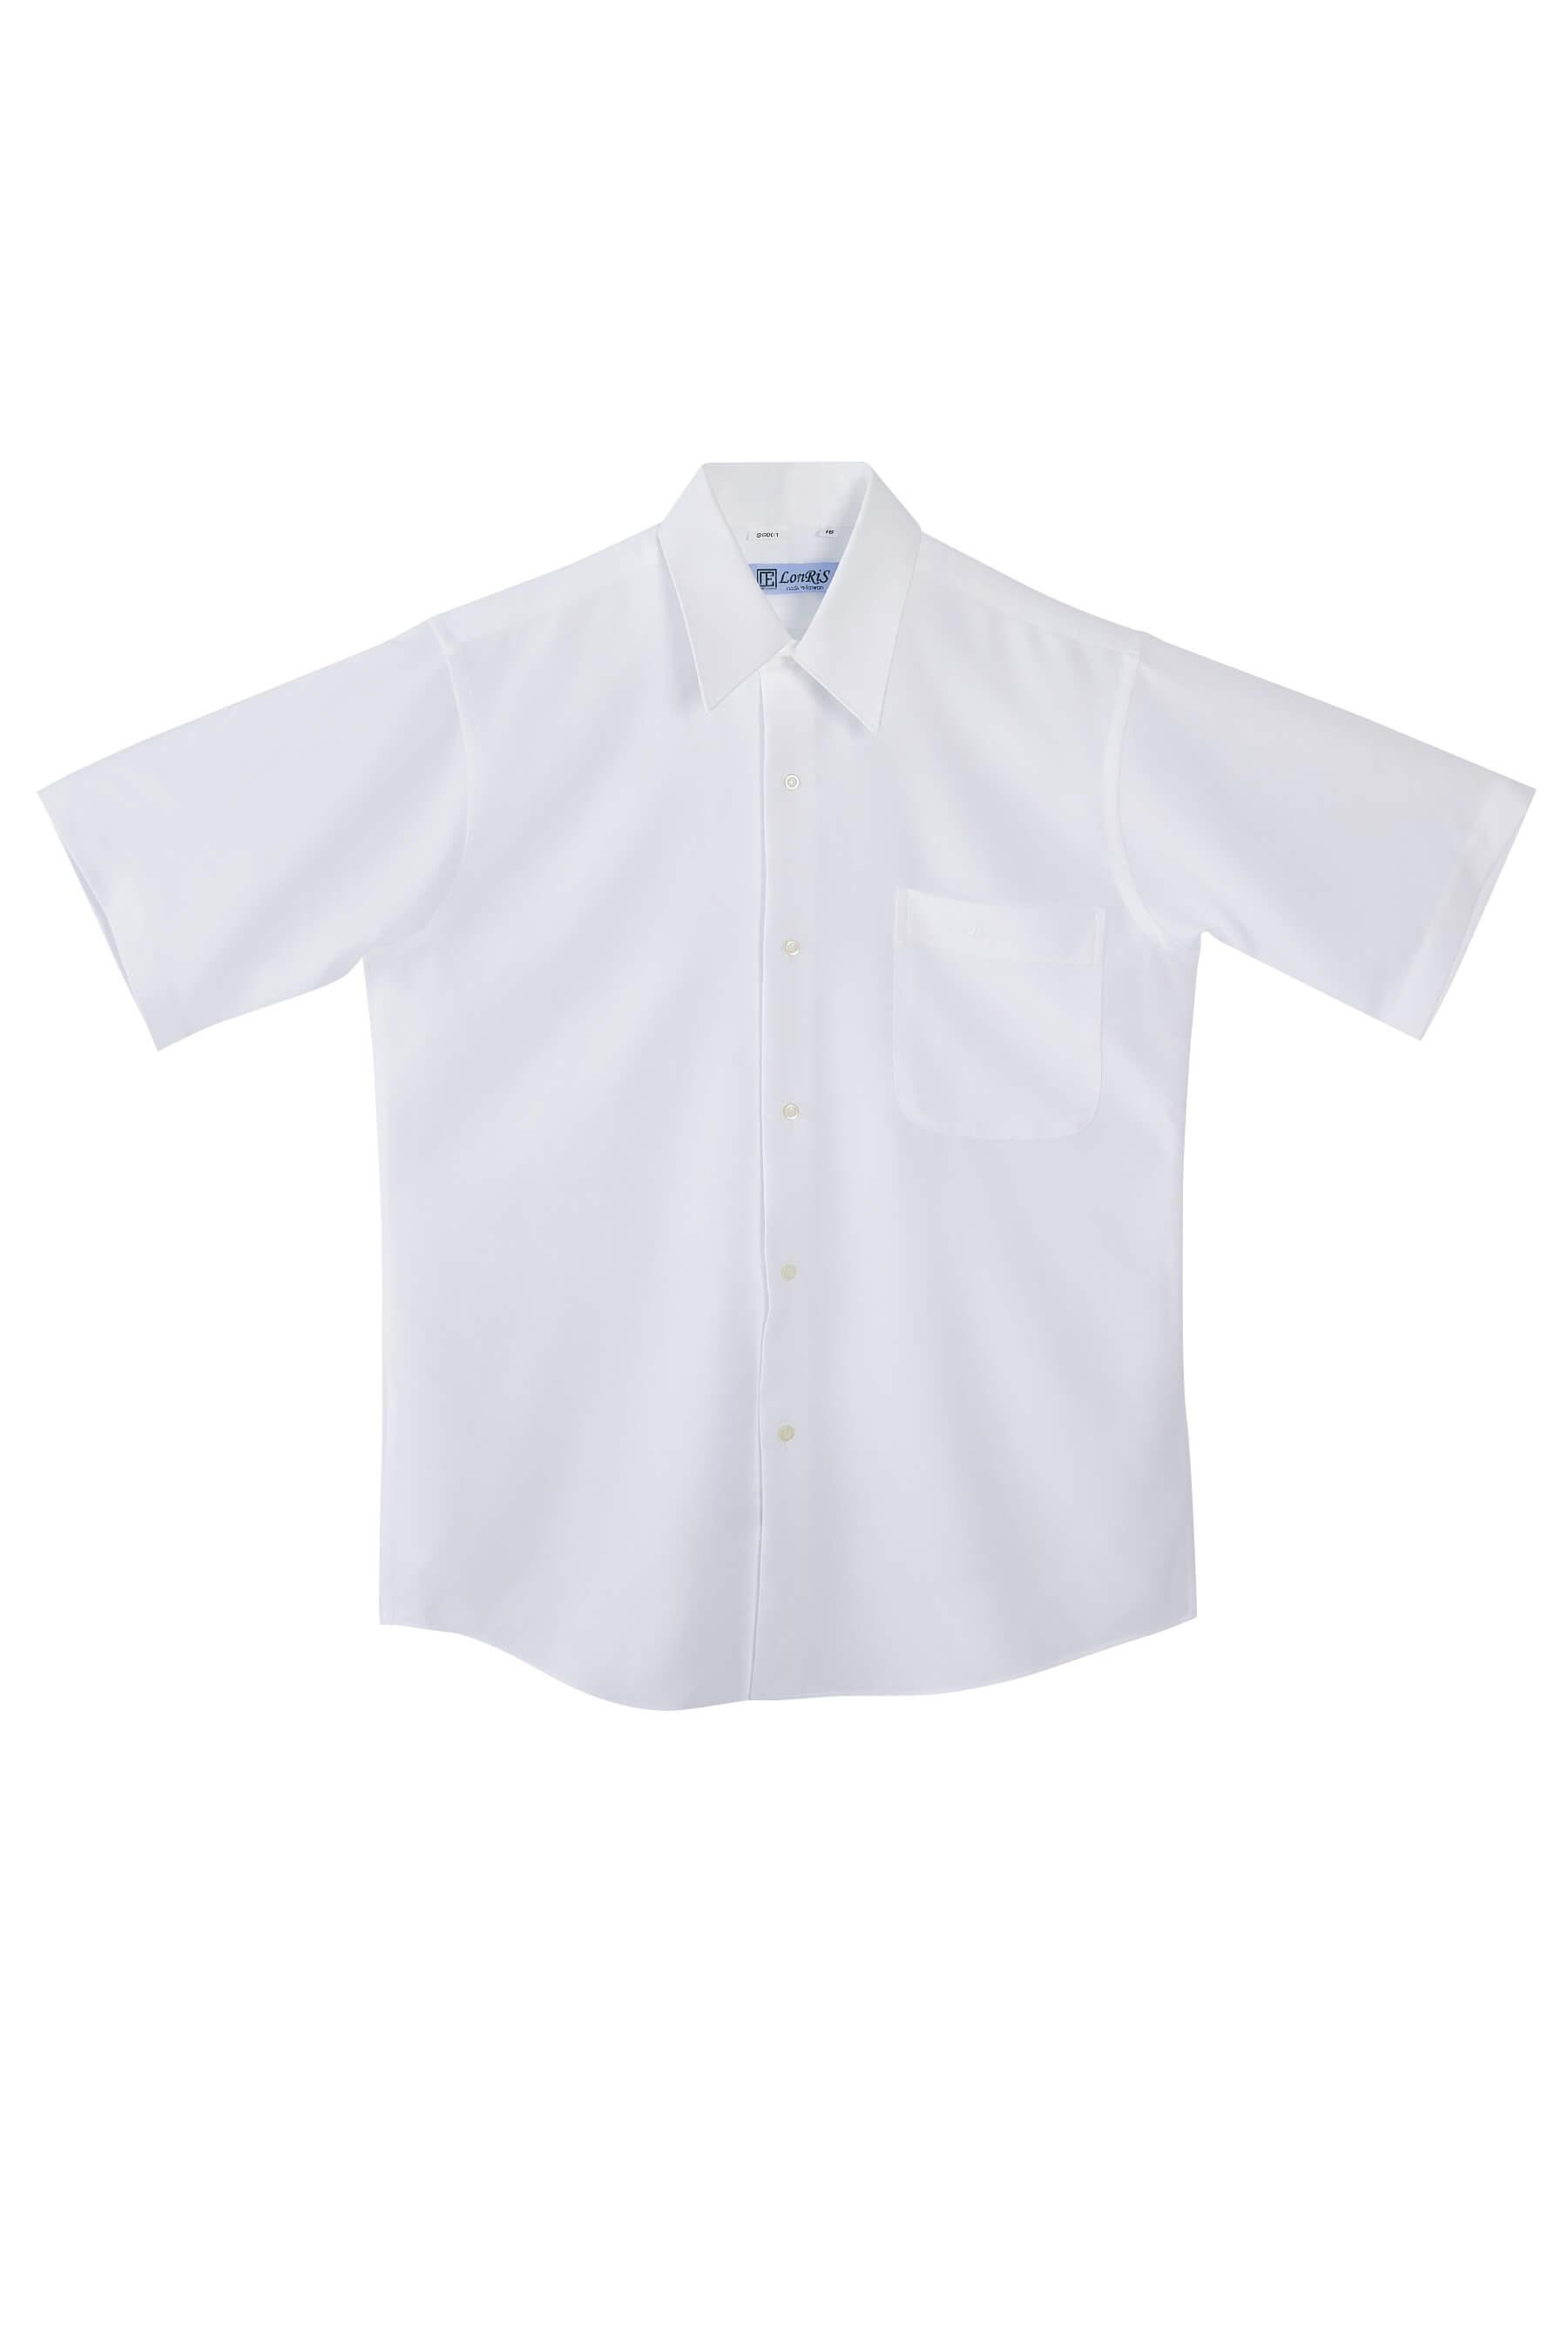 白色素面短袖襯衫/抗皺 吸濕排汗